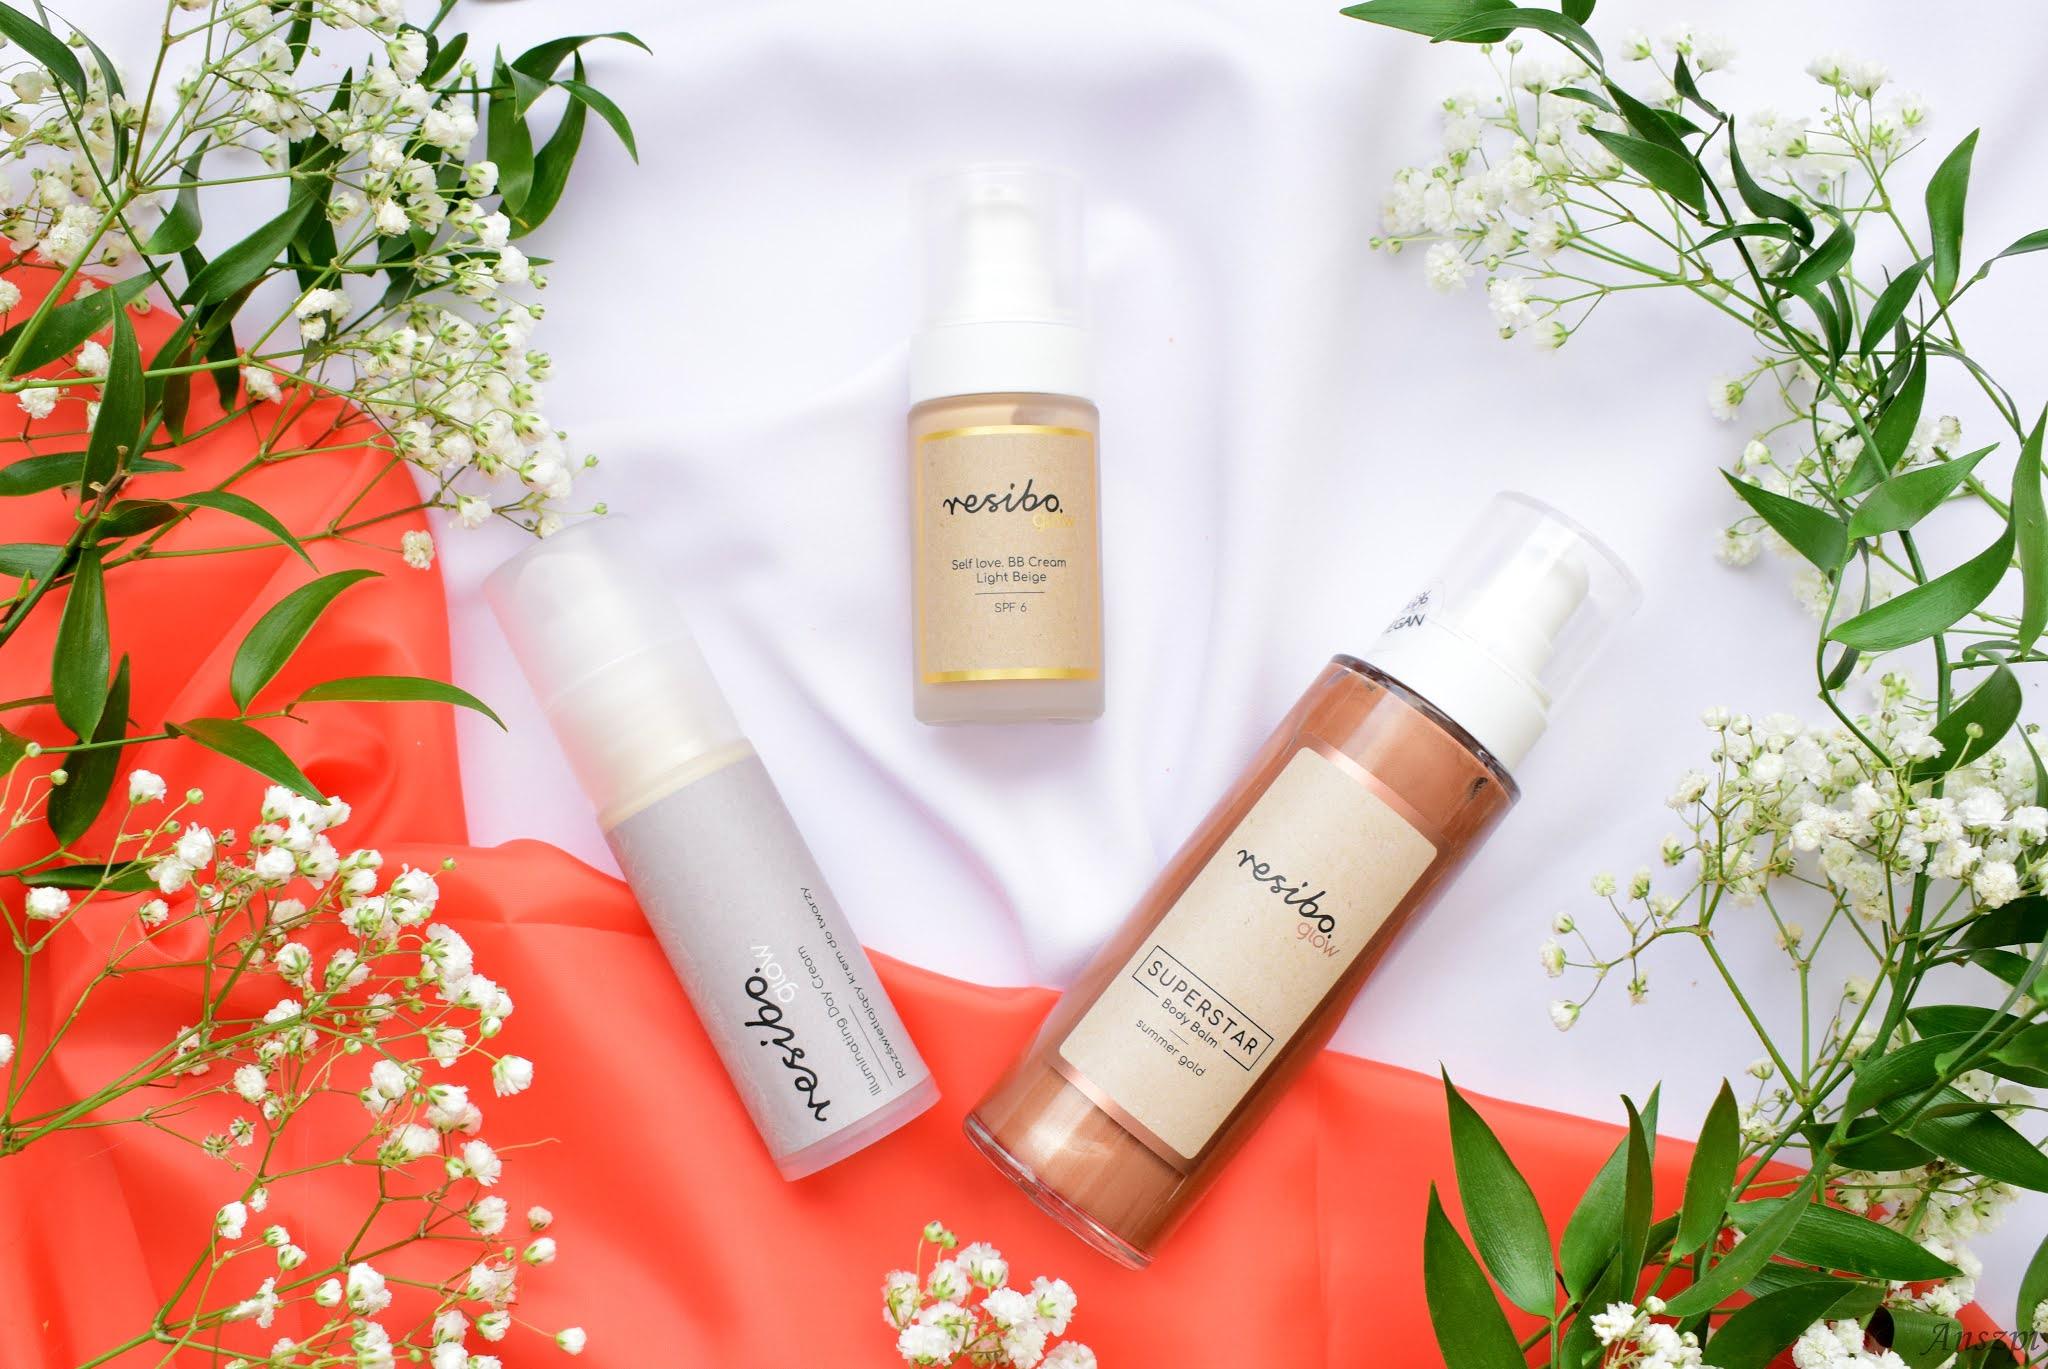 Świetne trio naturalnych kosmetyków od Resibo ze sklepu Topestetic.pl